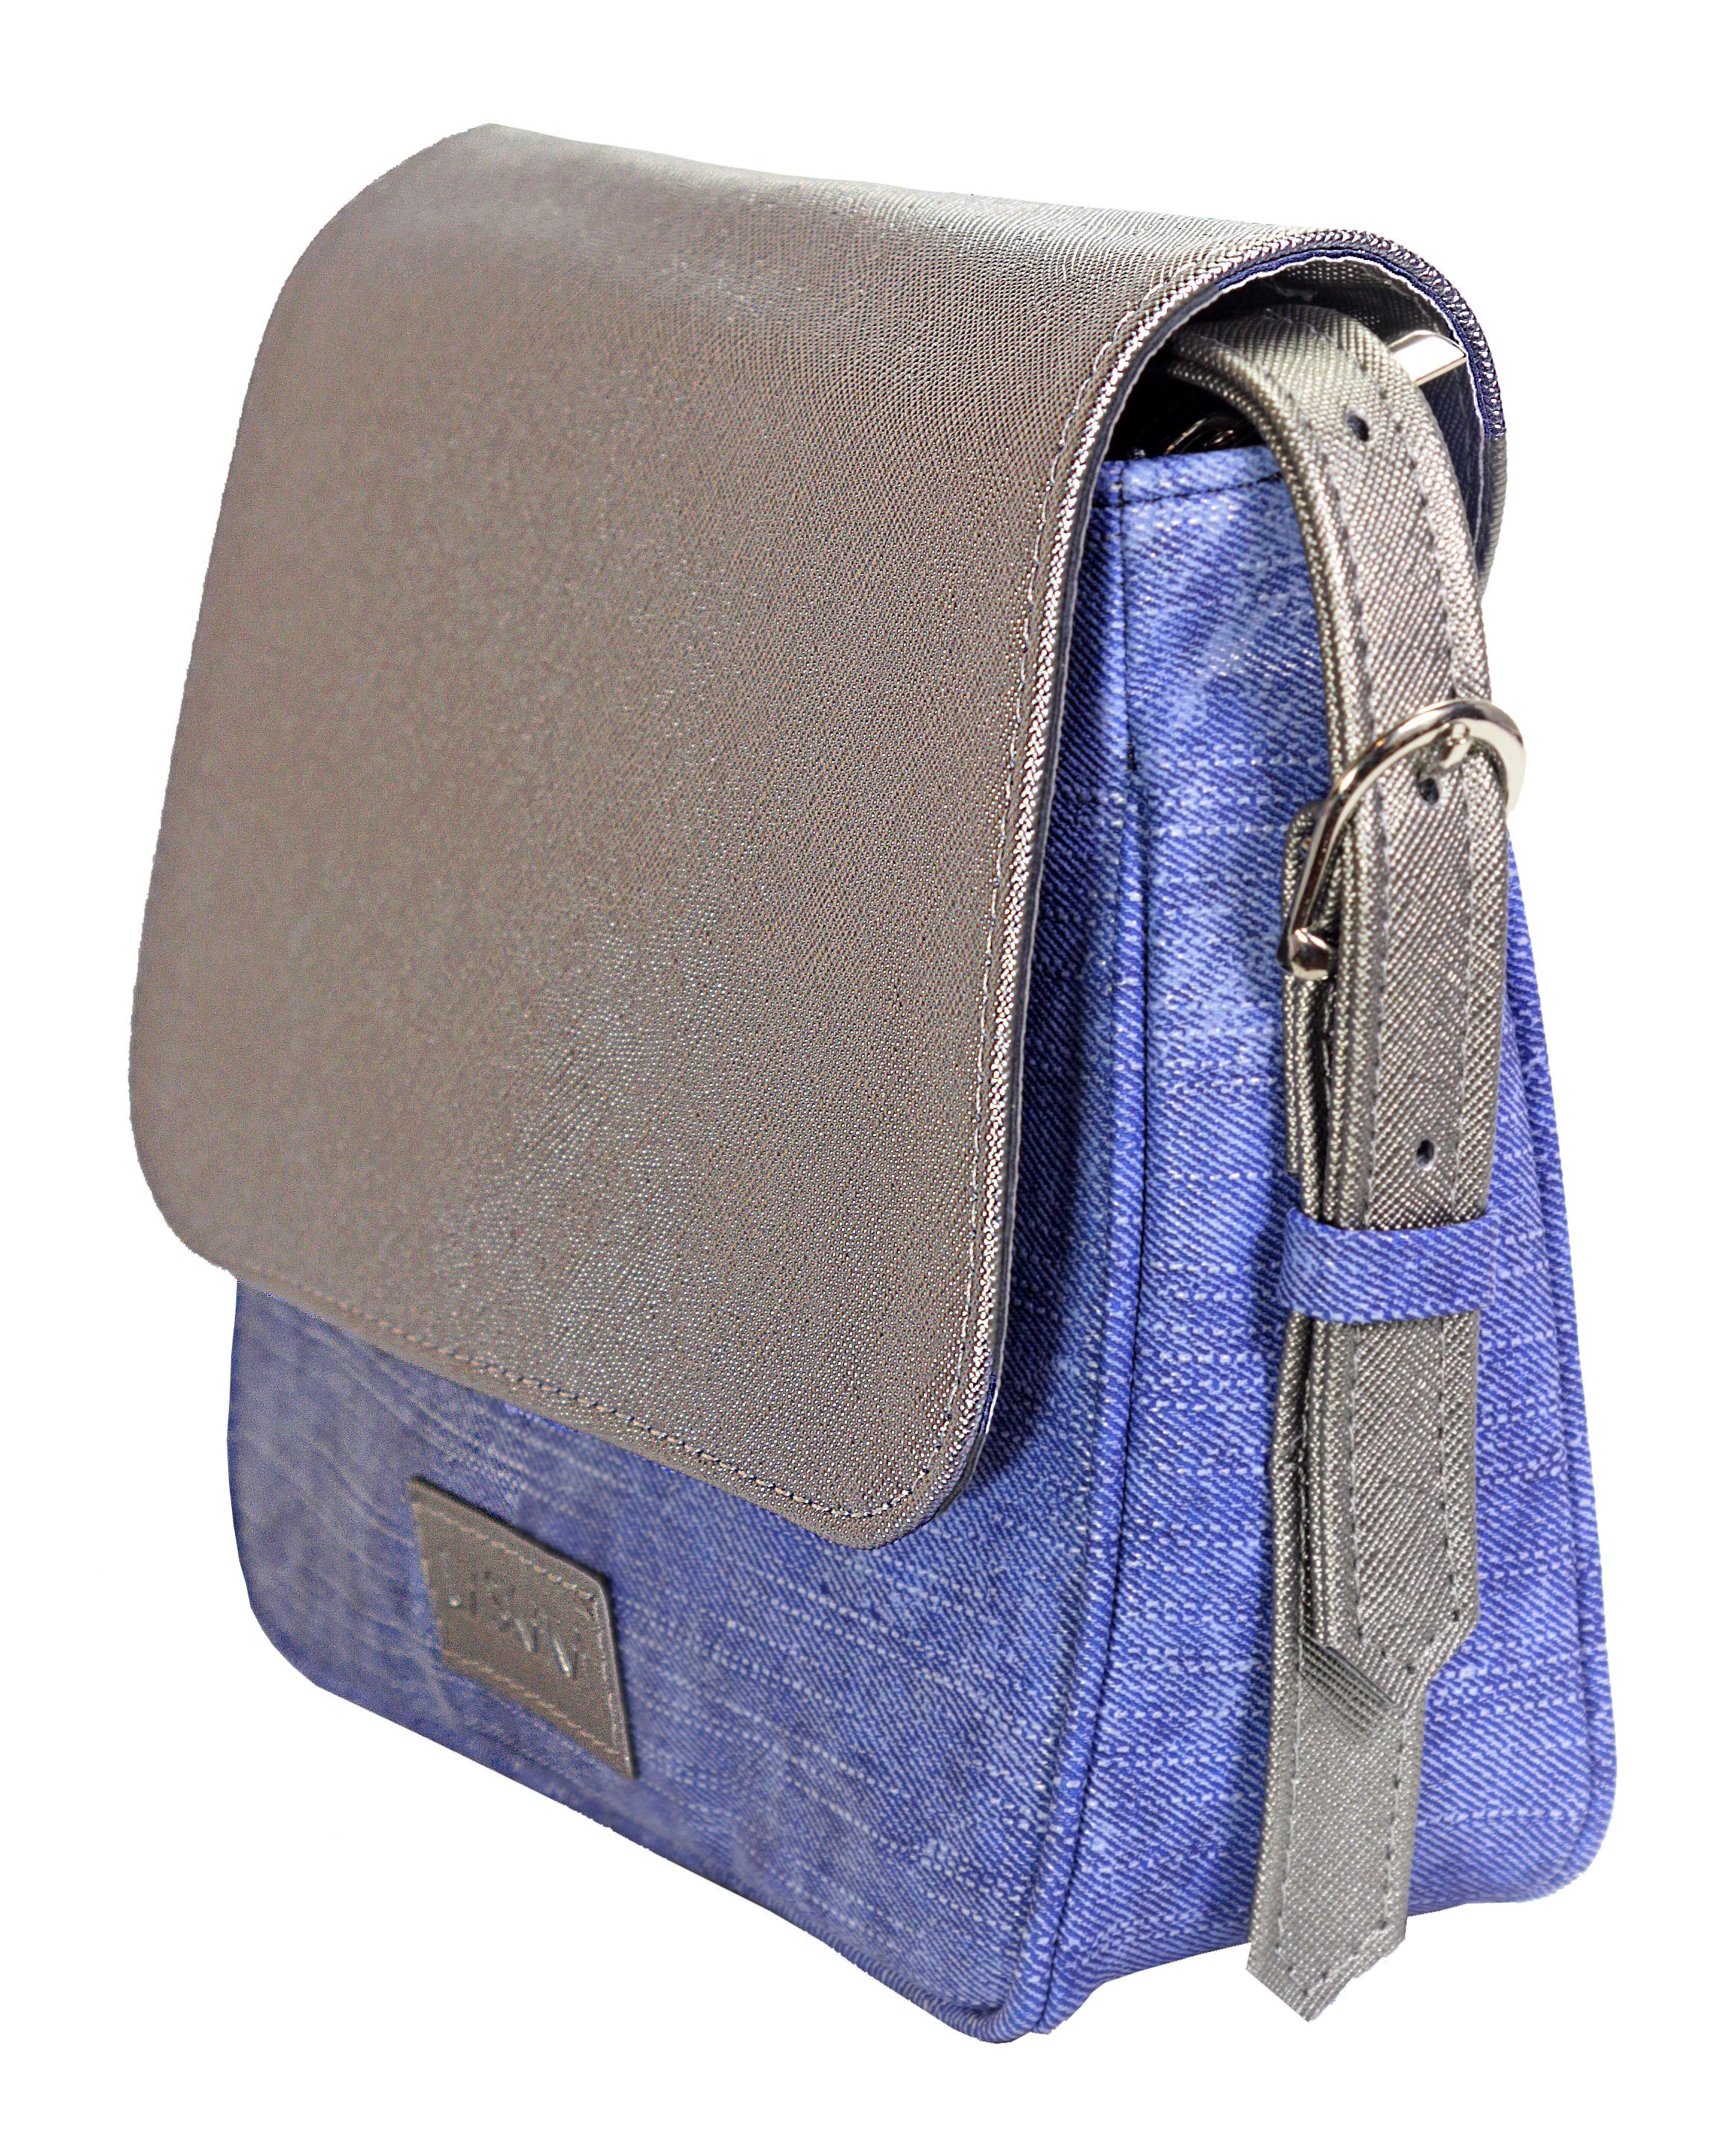 Crossbody kabelka v džínovém provedení 11-10245-silver-denim-blue - bok